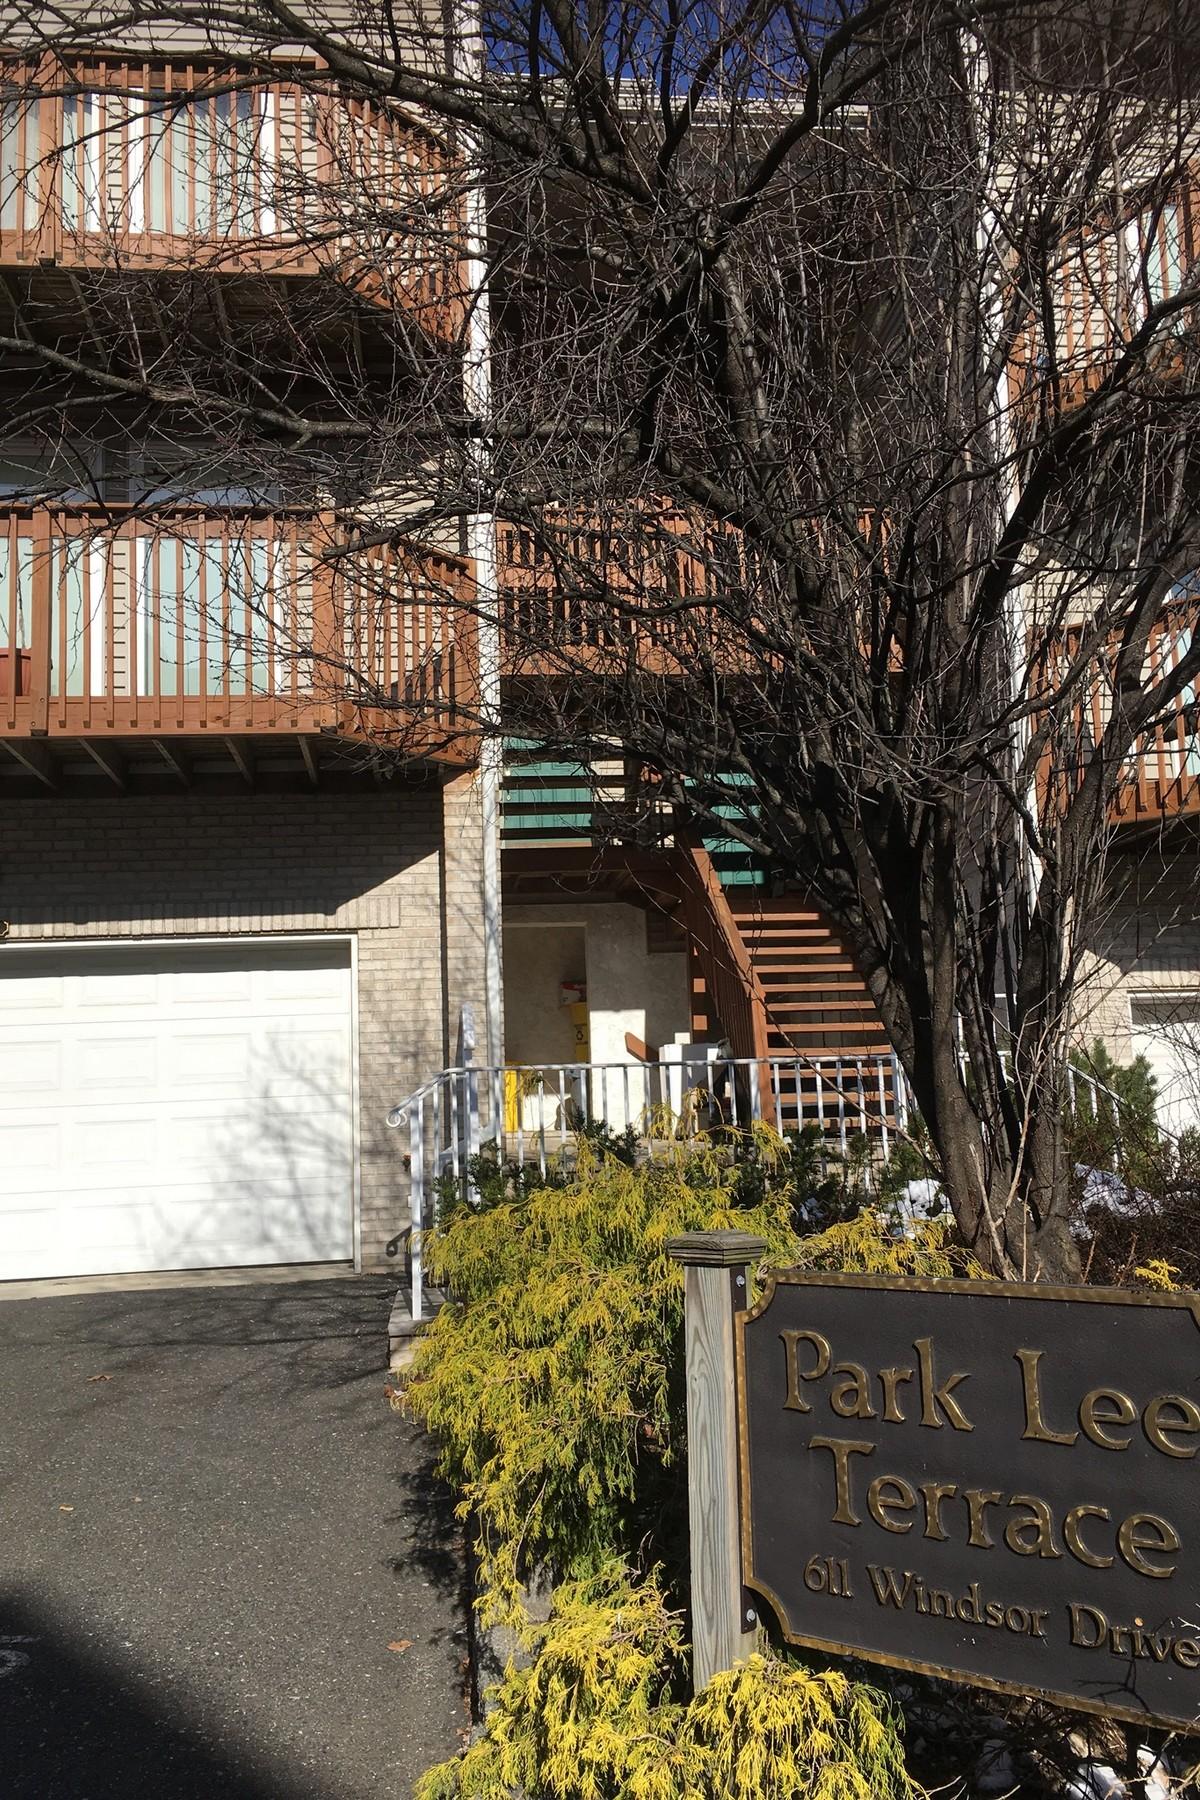 Таунхаус для того Продажа на Beautiful corner unit at Park Lee Terrace 613 Windsor Drive #1 Palisades Park, Нью-Джерси 07650 Соединенные Штаты